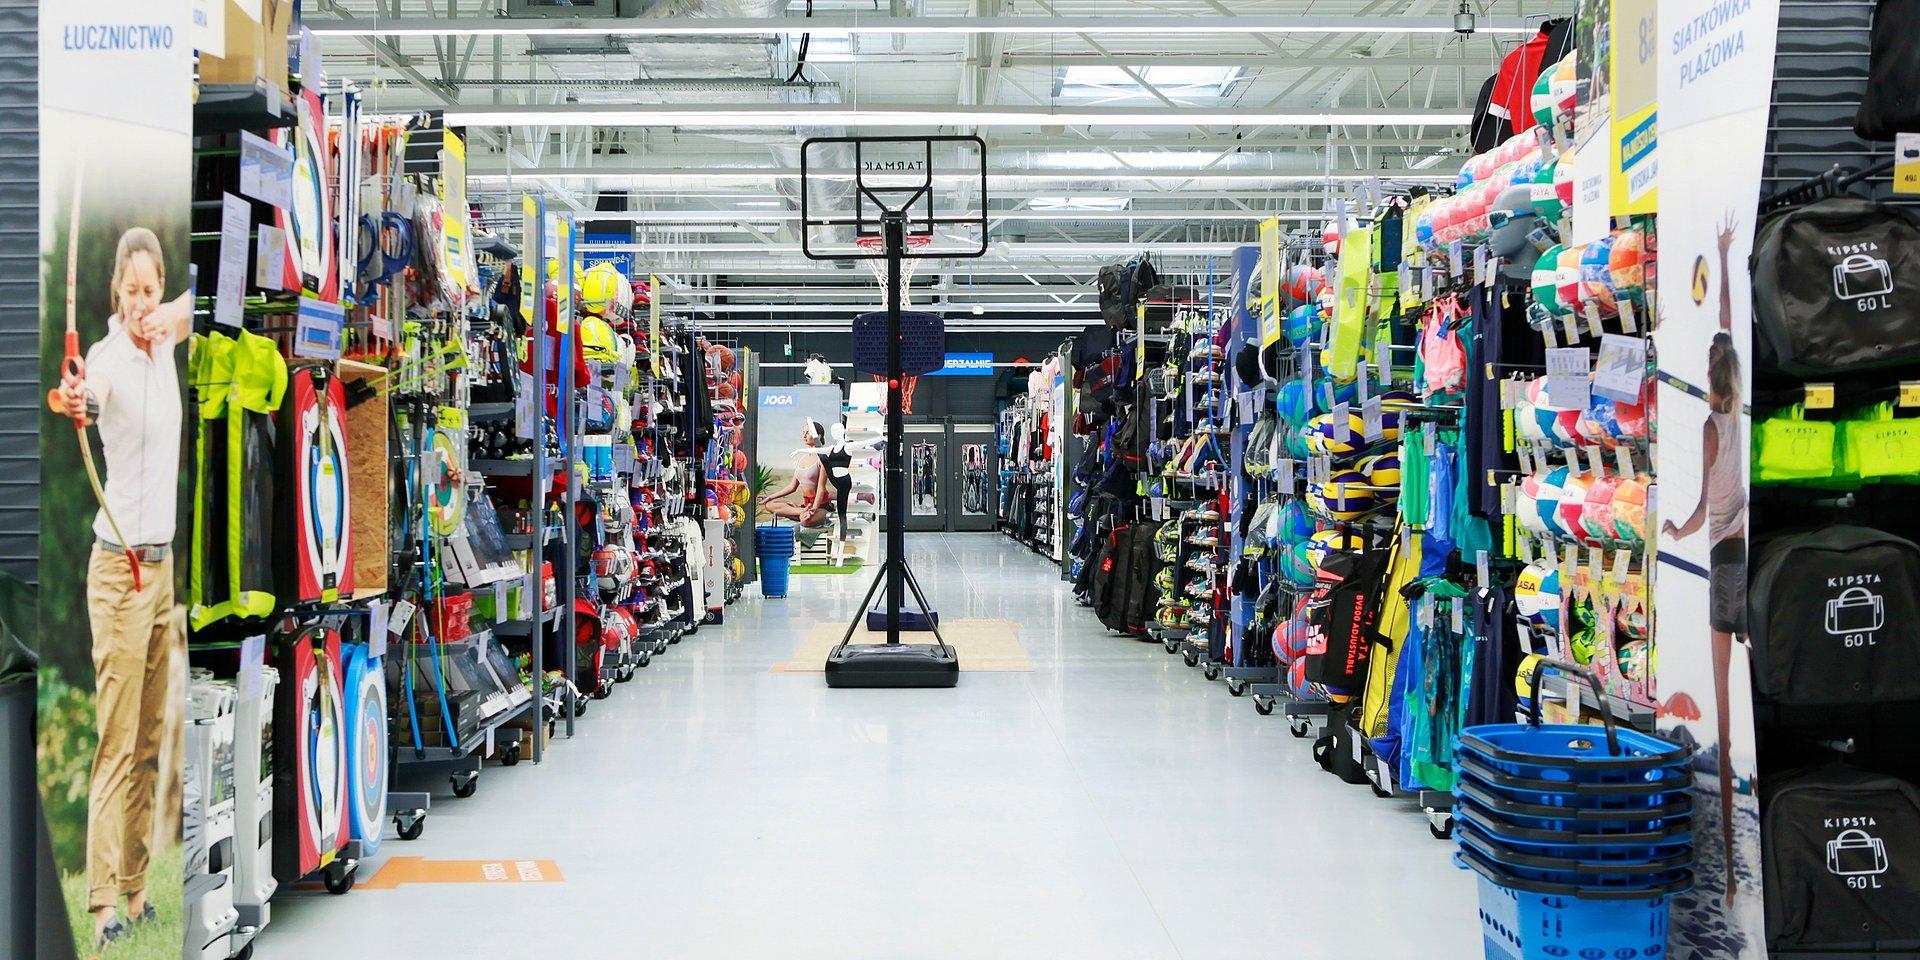 Oświadczenie dot. zamknięcia sklepów Decathlon (obowiązujące od 28.12.2020)